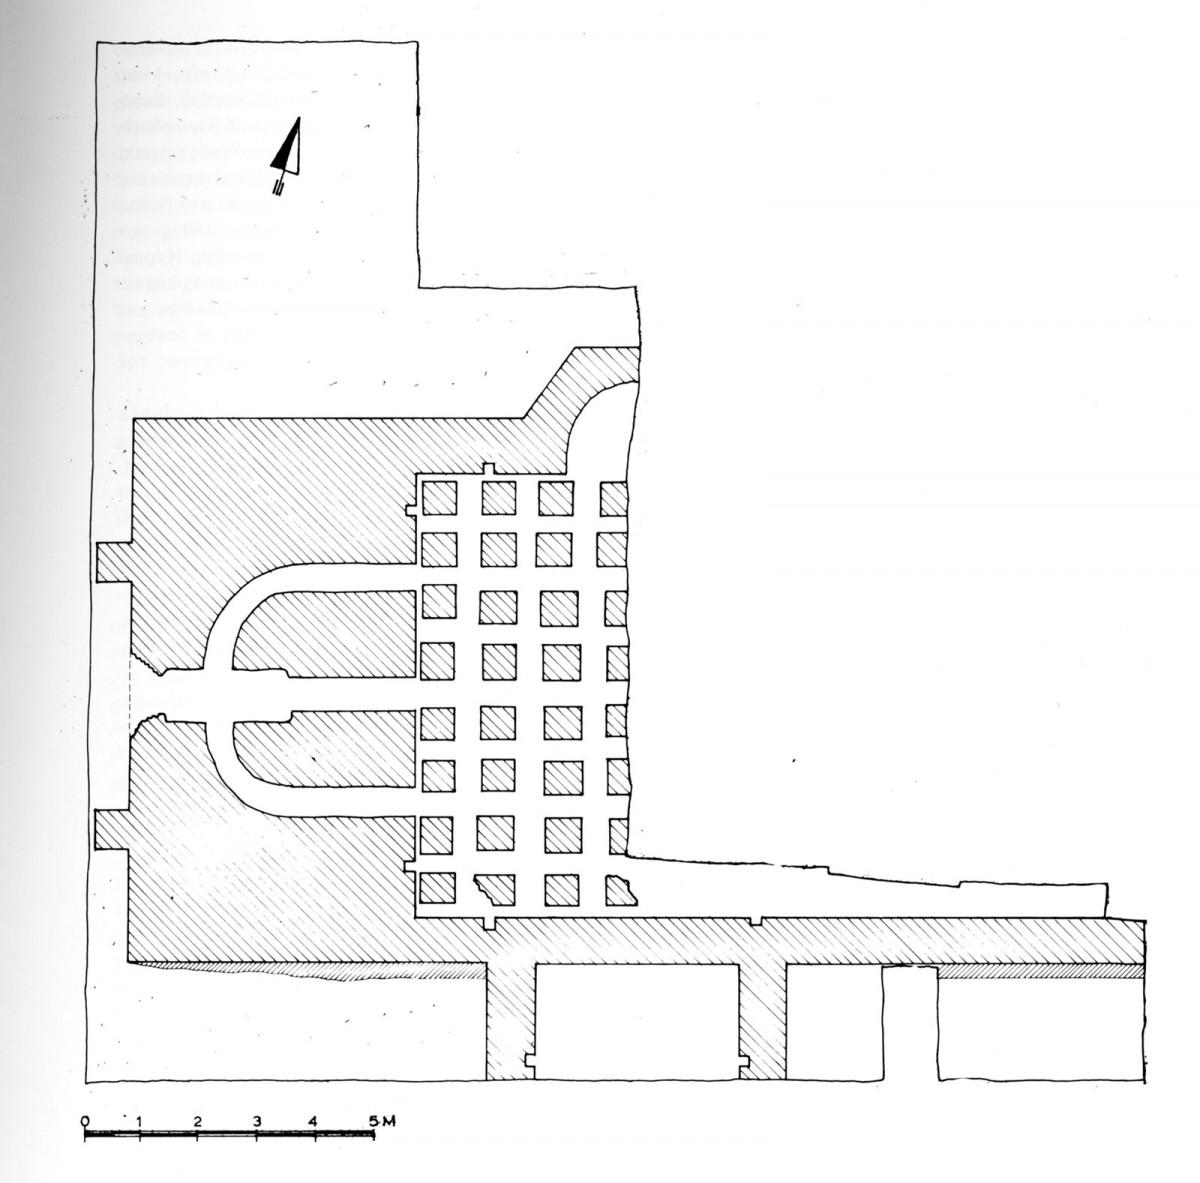 Εικ. 2. Βυζαντινό λουτρό: Κάτοψη στη στάθμη των υποκαύστων (πηγή: Ο. Γκράτζιου, «8η Εφορεία Βυζαντινών Αρχαιοτήτων. Ανασκαφικές εργασίες. Νομός Ιωαννίνων», Αρχαιολογικό Δελτίο, 38 (1983), Β2 Χρονικά, σ. 247).